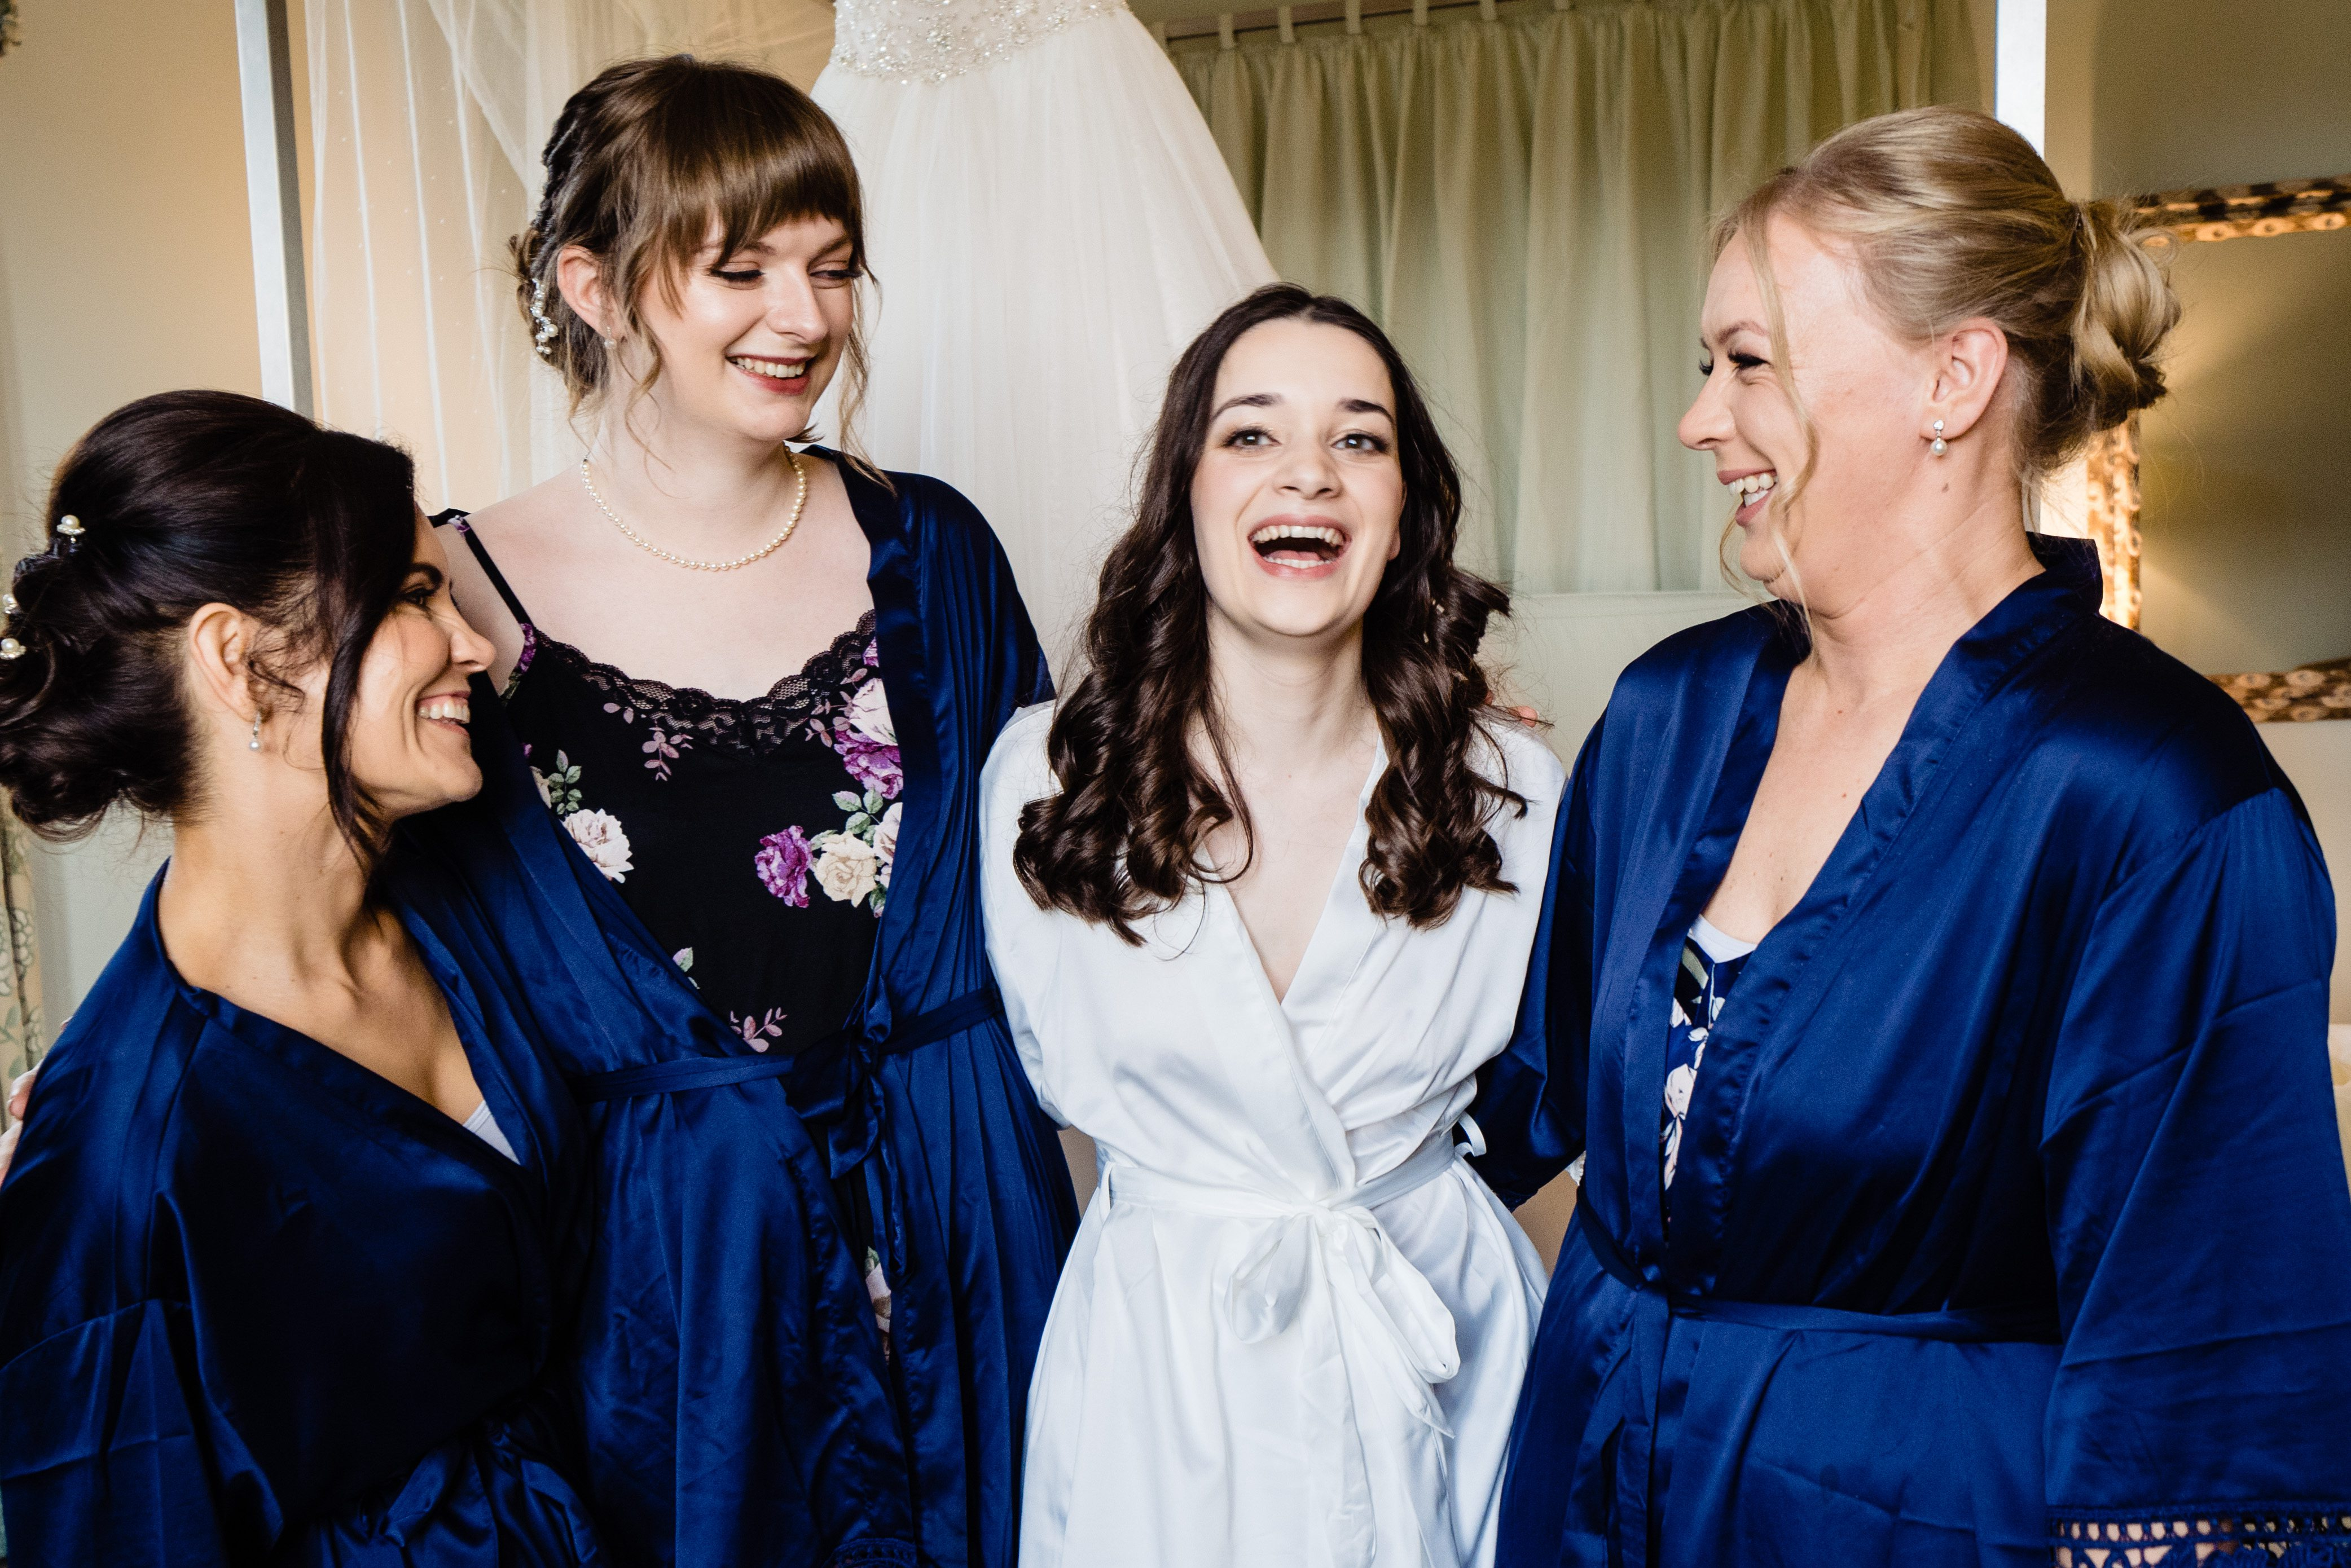 bridesquad laughing bowood hotel wedding